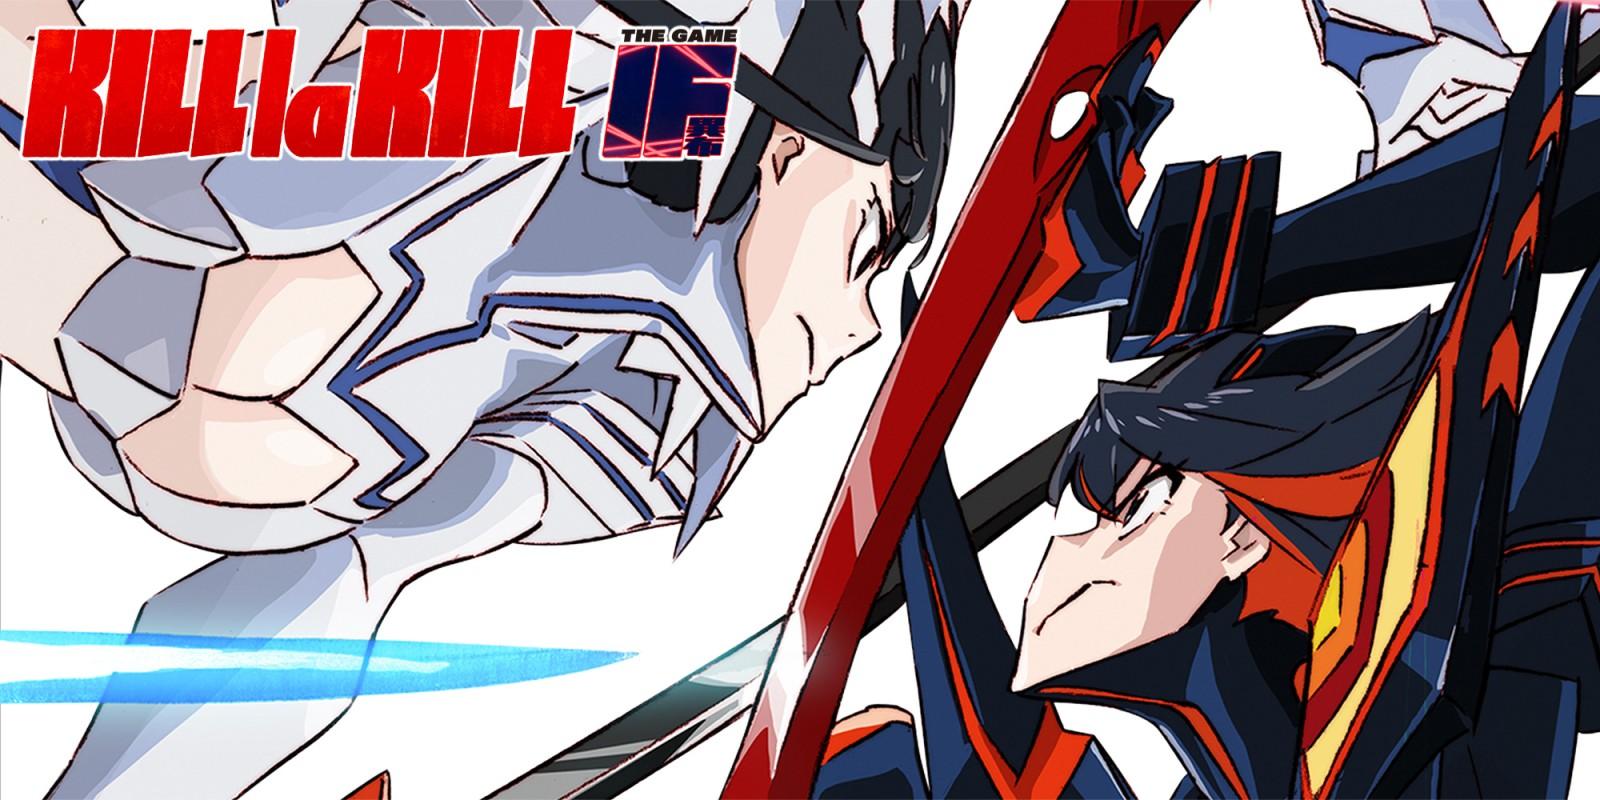 Kill Spiele